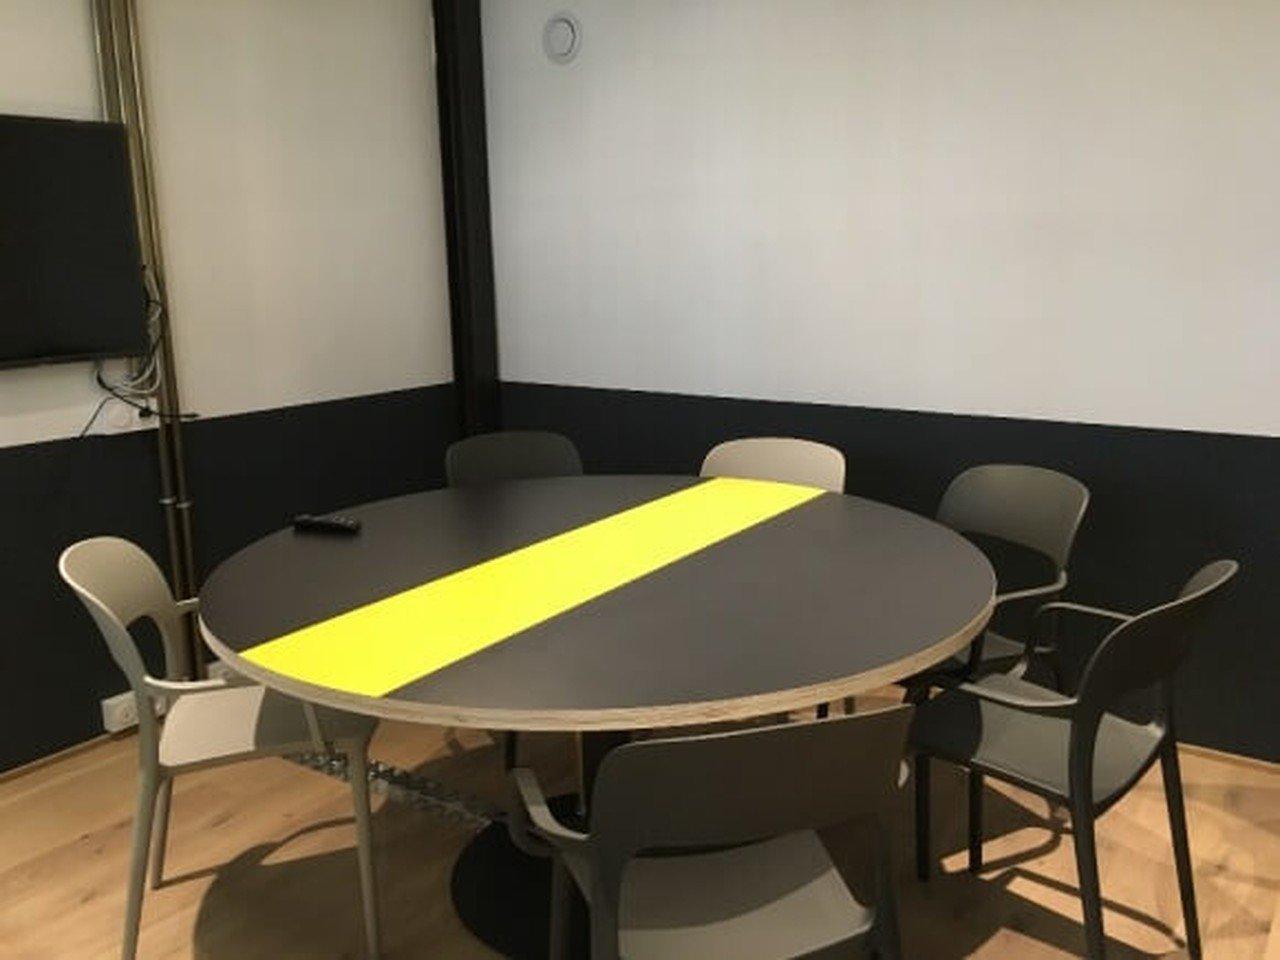 Paris  Meetingraum Salle de réunion Bastille / Chemin vert image 0